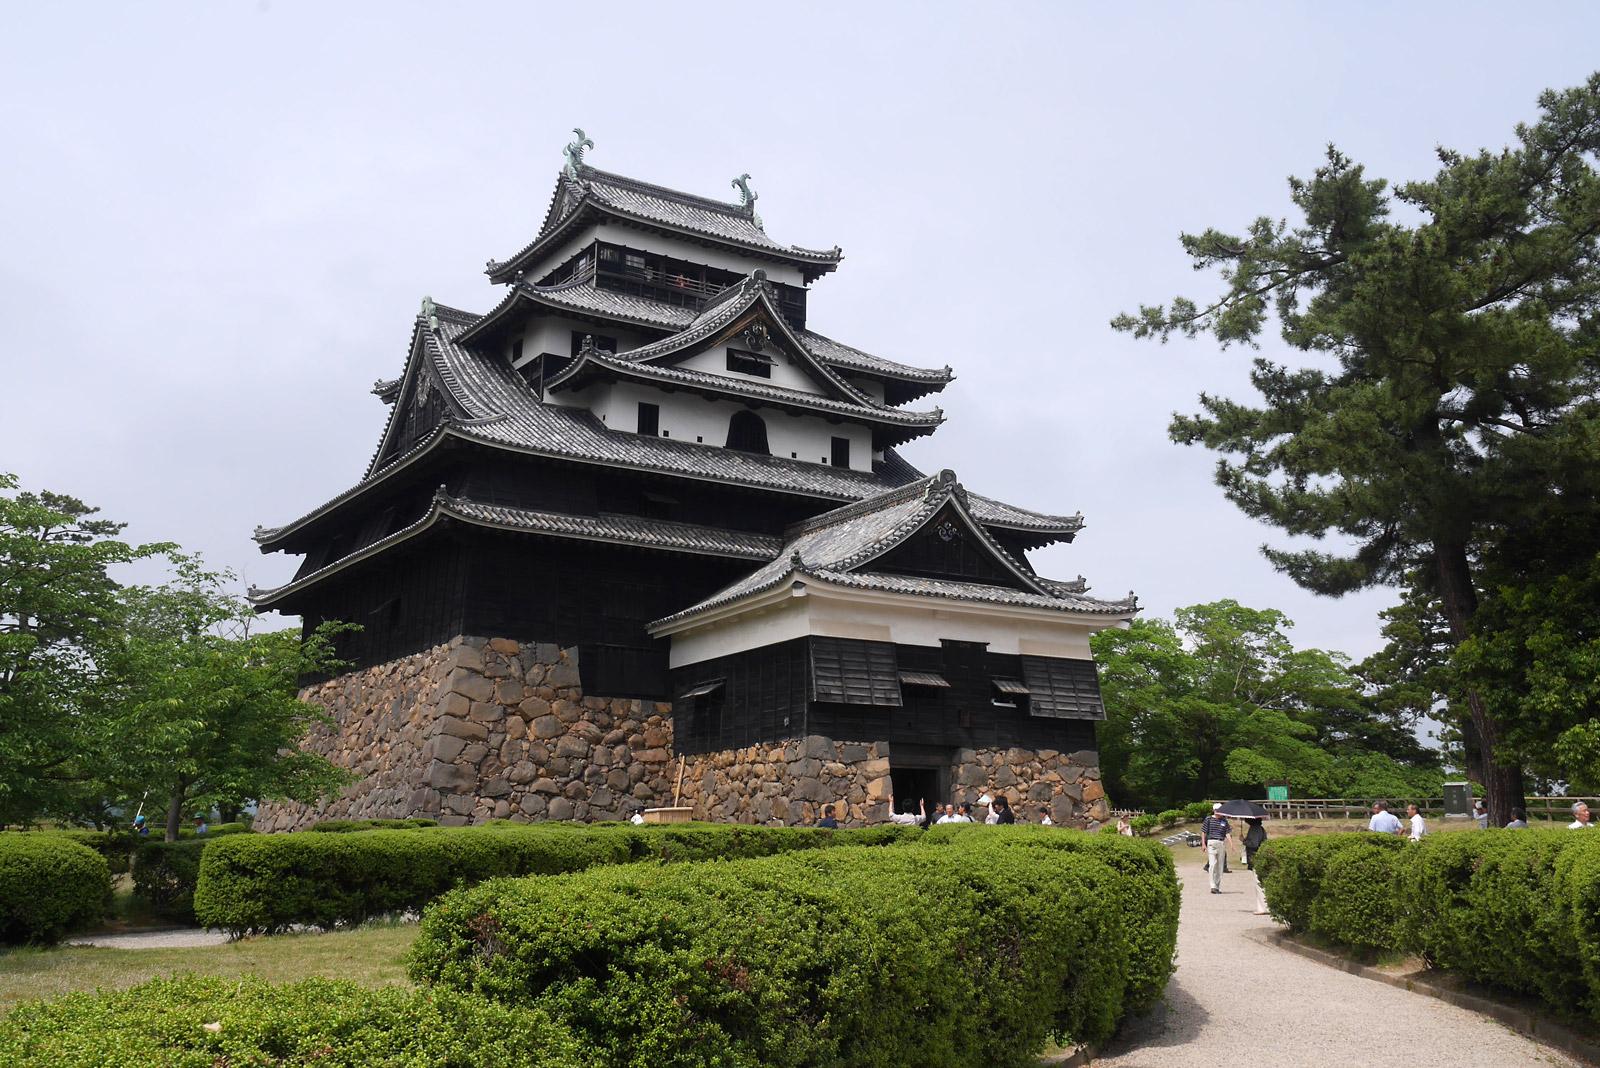 国宝指定確定日に居合わせた松江城